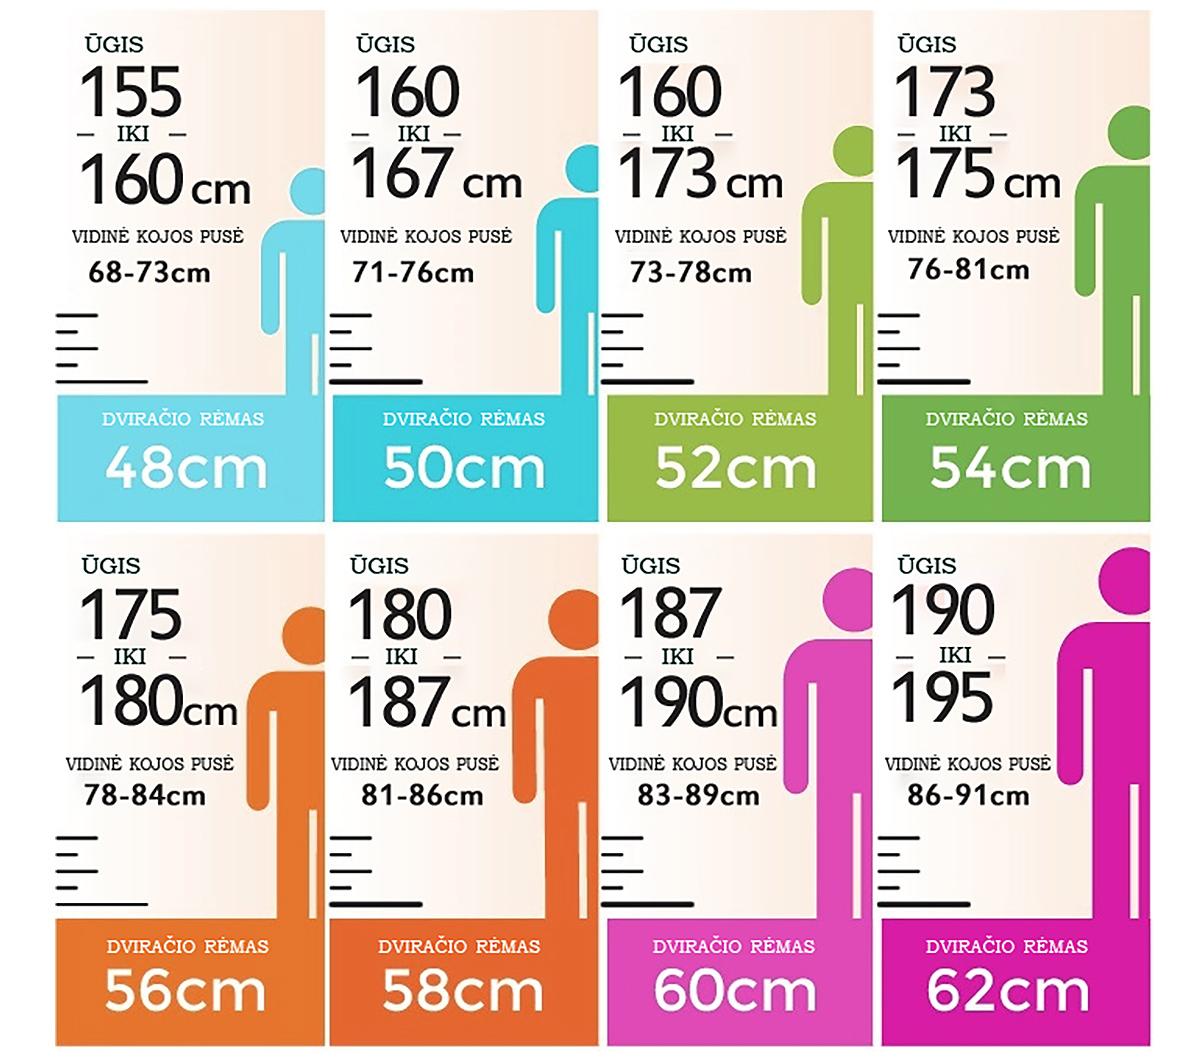 Plentinių dviračių rėmo dydžiai pagal ūgį